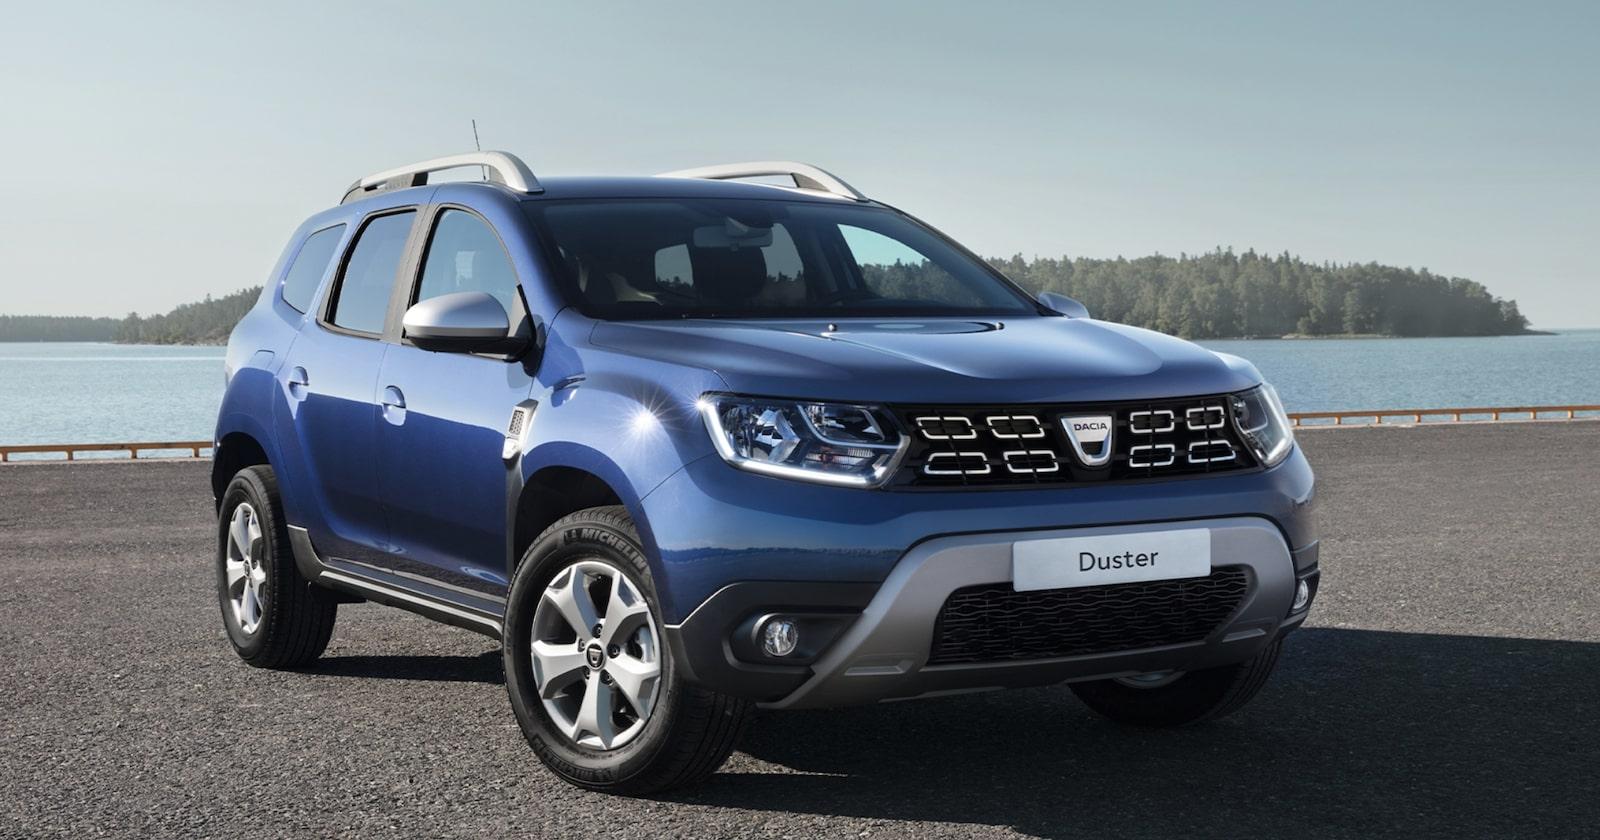 2021 Dacia Duster Eylül Ayına Özel Kampanyası Devam Ediyor